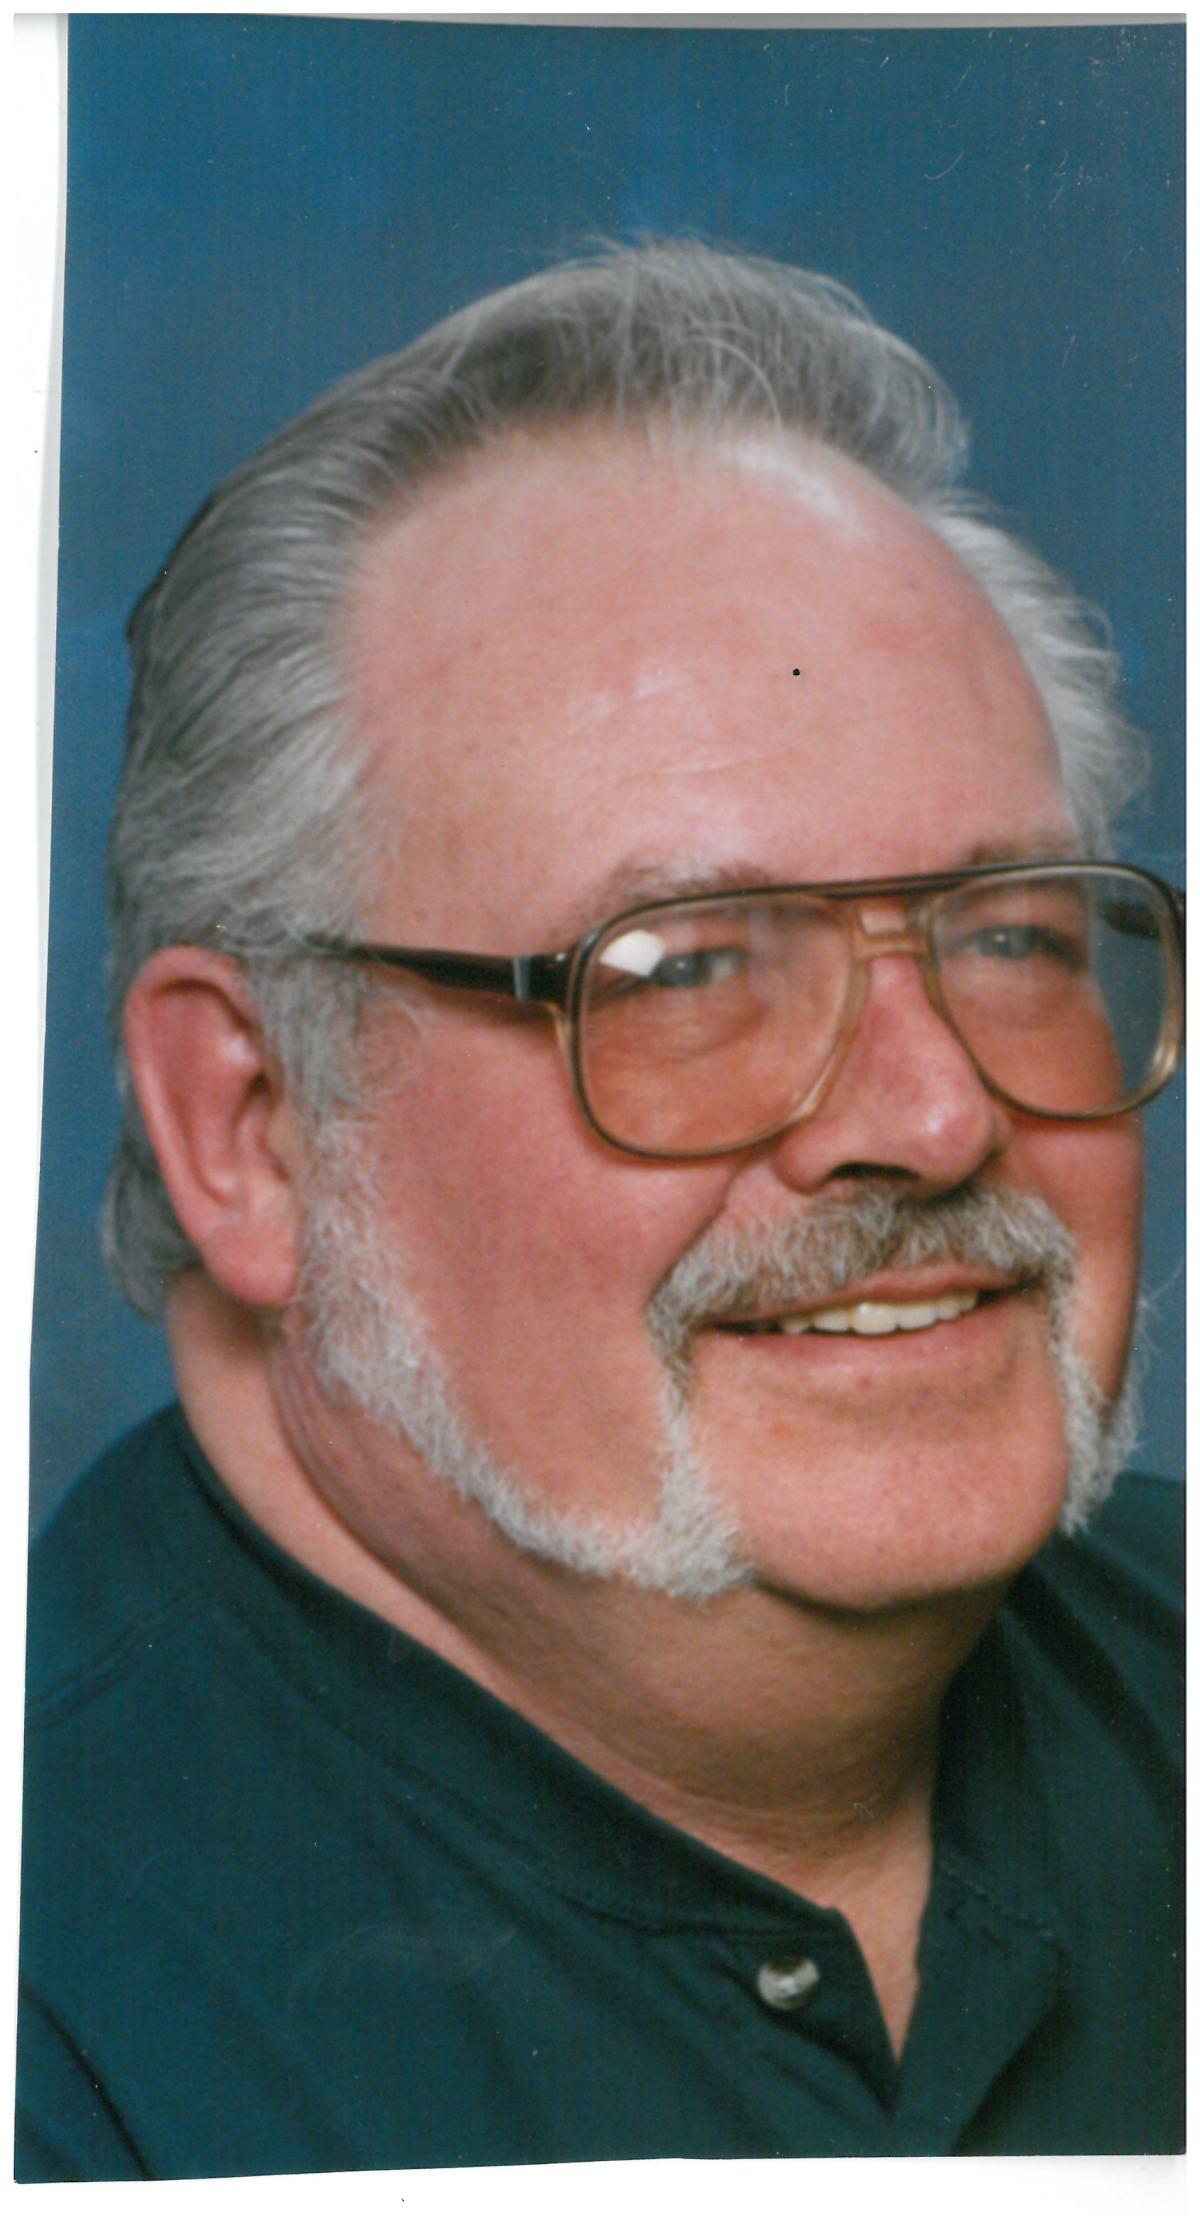 Obituary: Harold Dagnon Was A Diehard Packer Fan